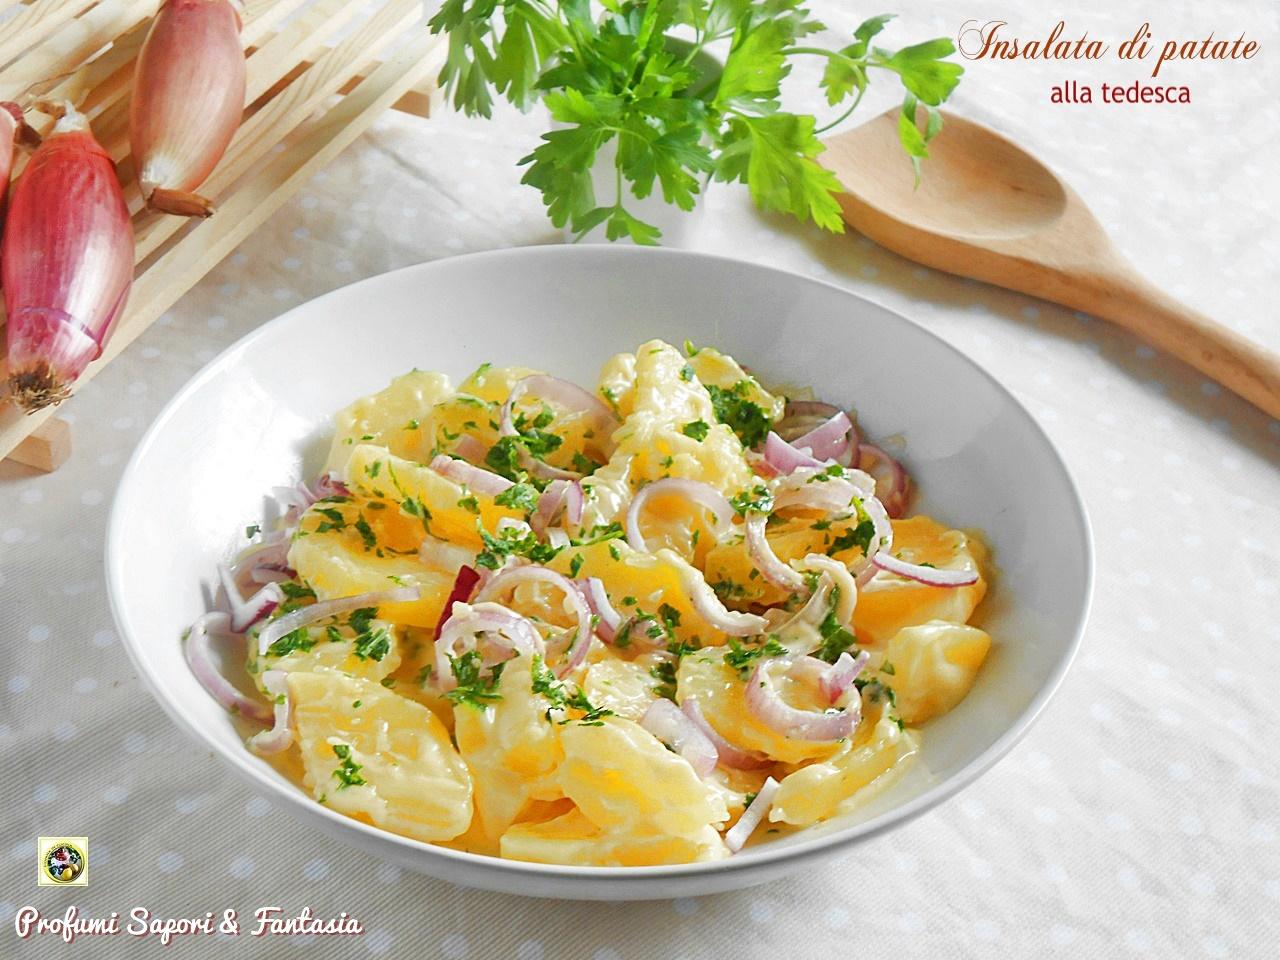 Silvana in cucina giallo zafferano silvana in cucina silvana scalambra google - Silvana in cucina ...